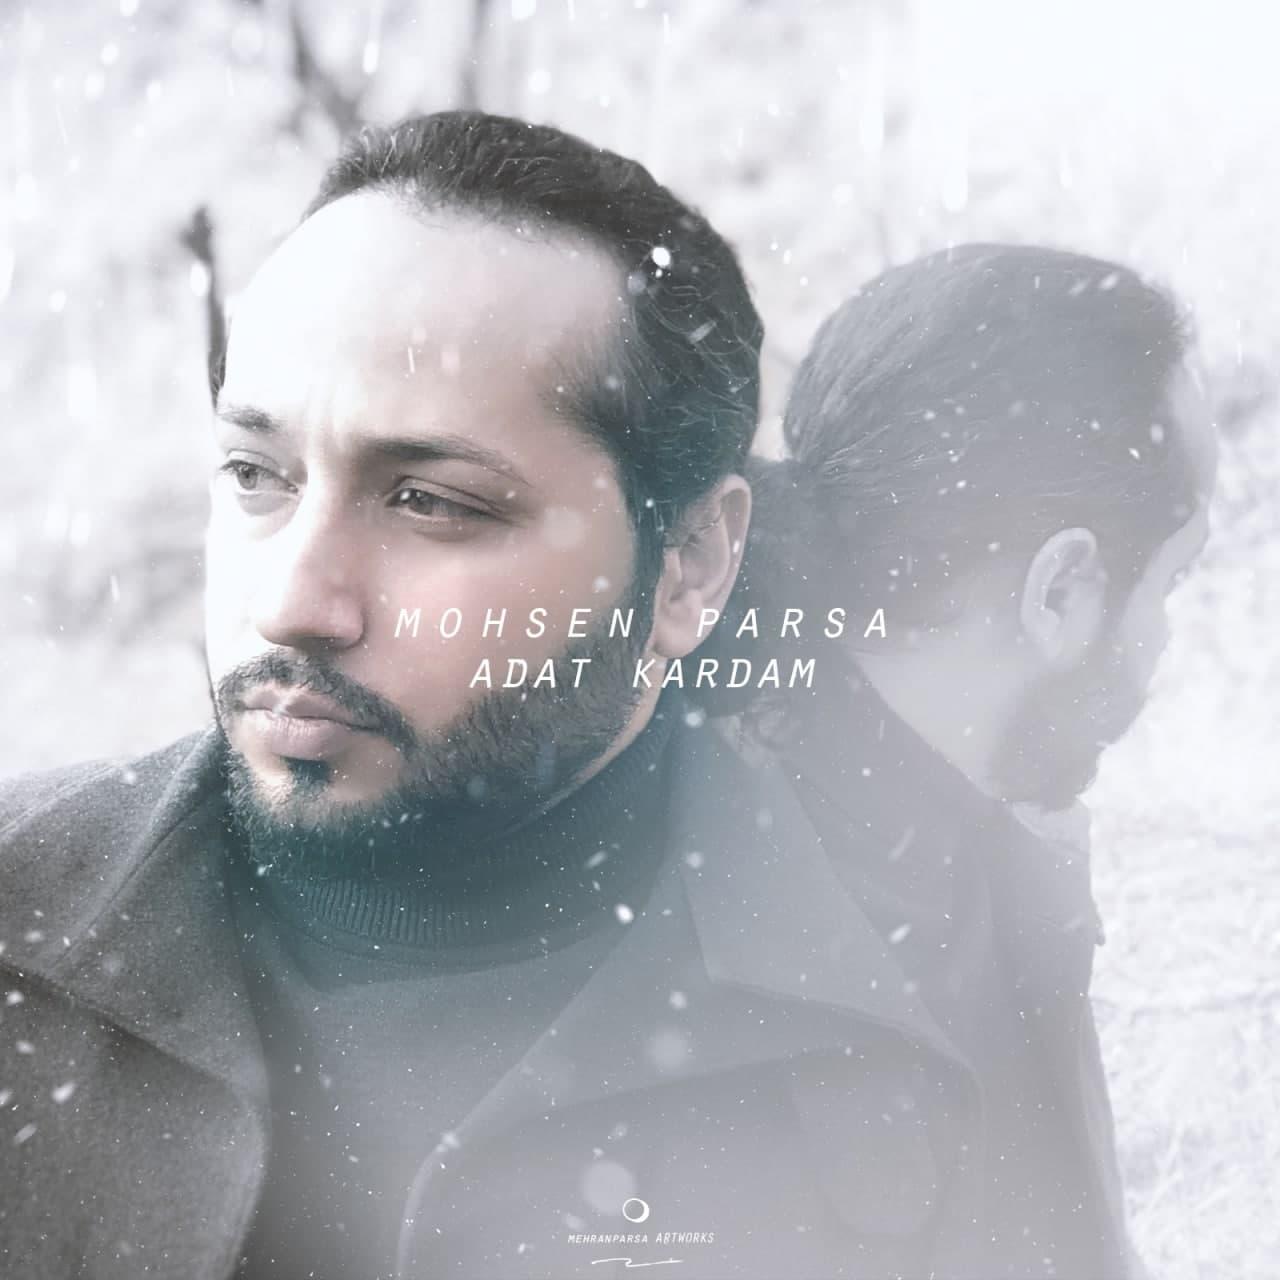 Mohsen Parsa – Adat Kardam